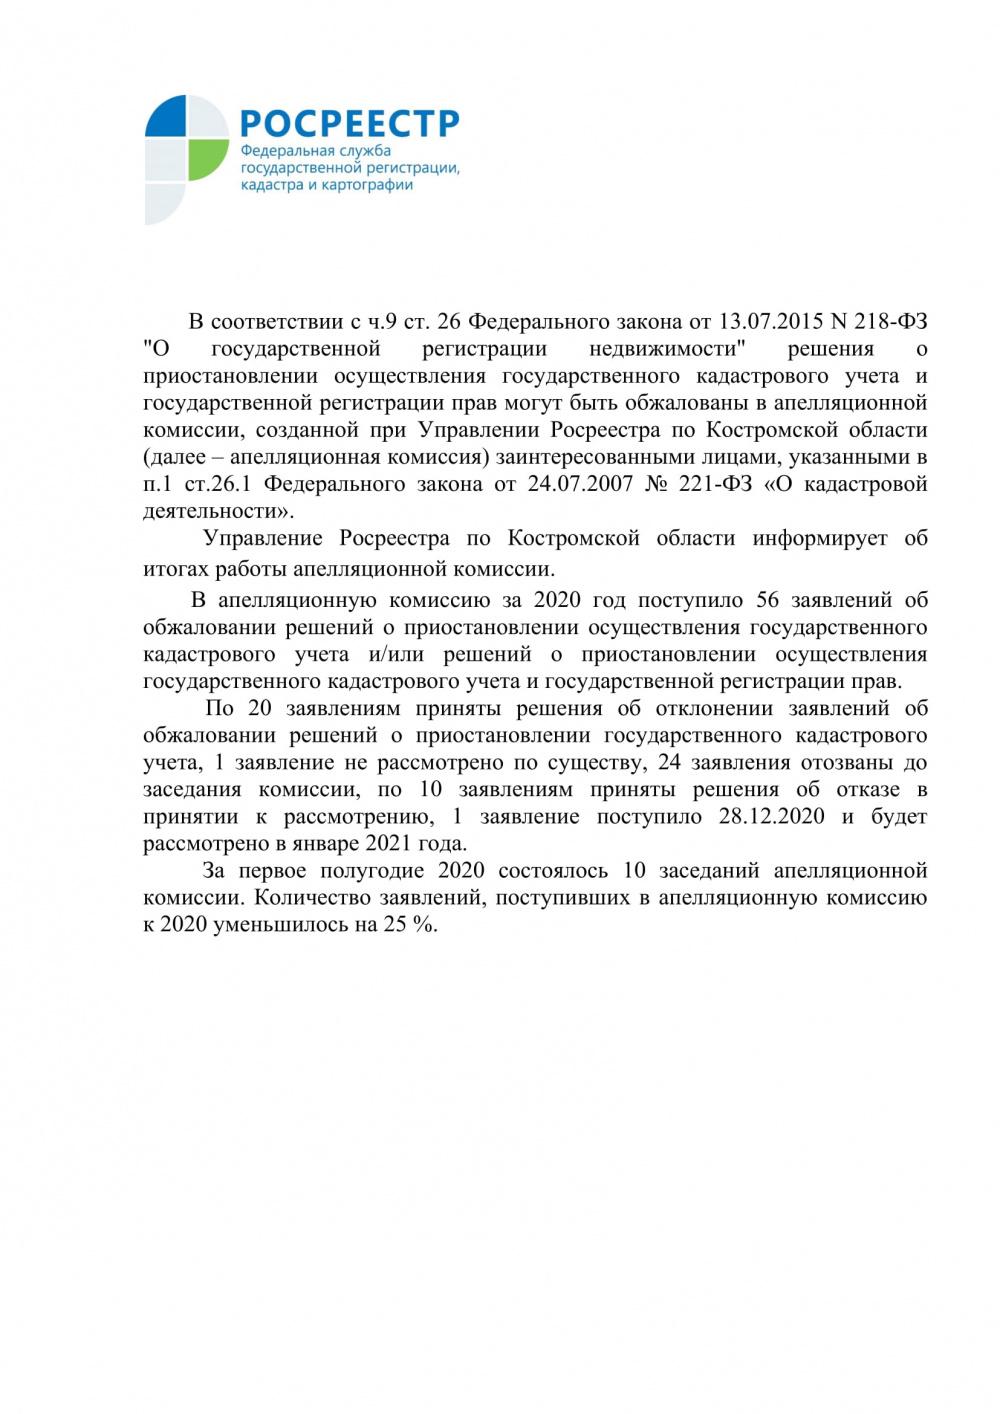 Итоги работы апелляционной комиссии